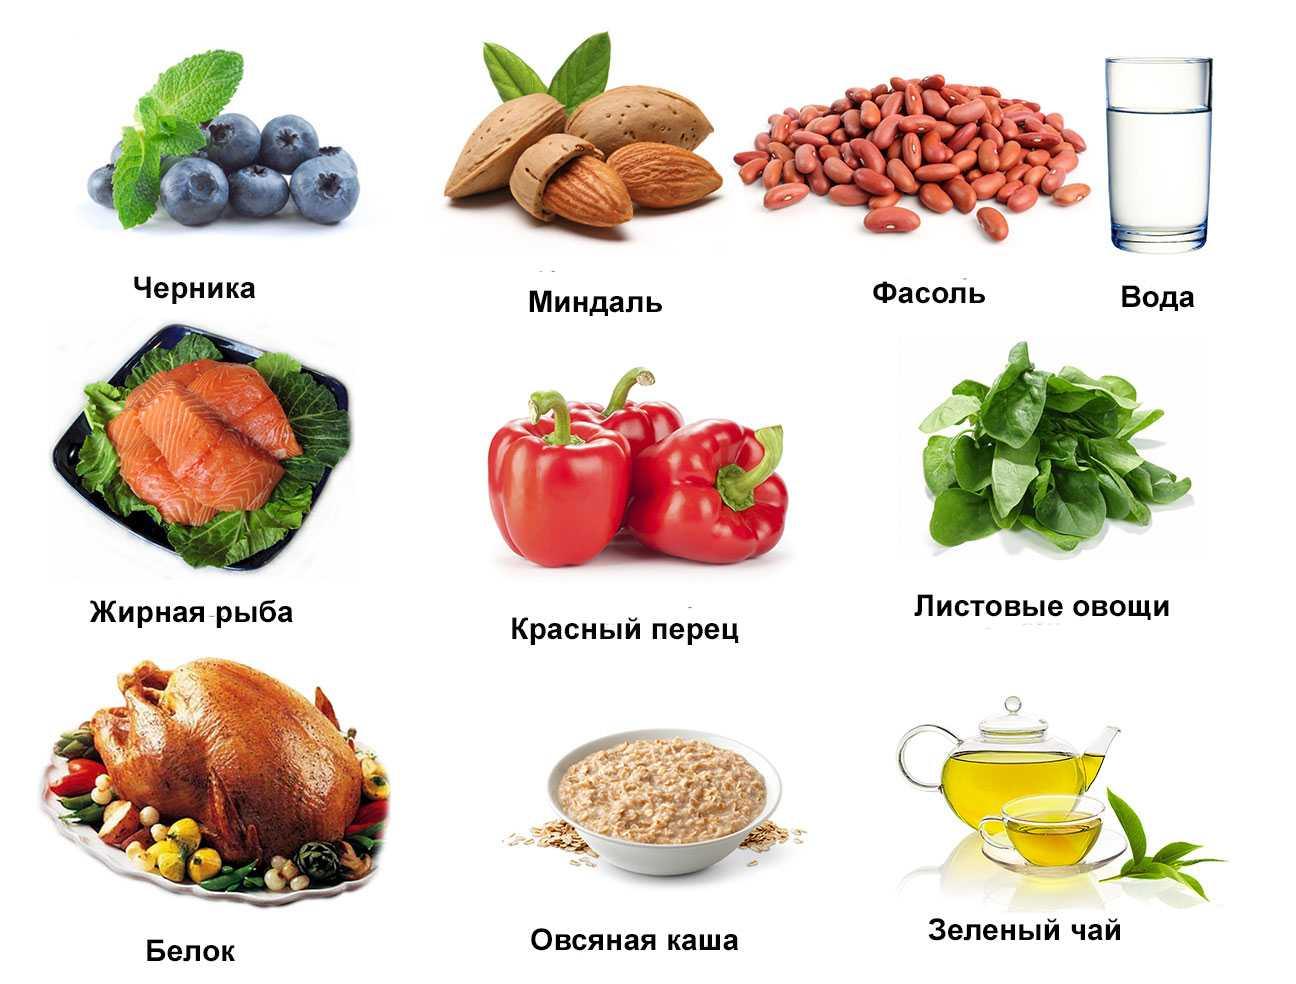 На Каких Продуктах Быстрее Похудеть. Какие продукты нужно есть, чтобы похудеть